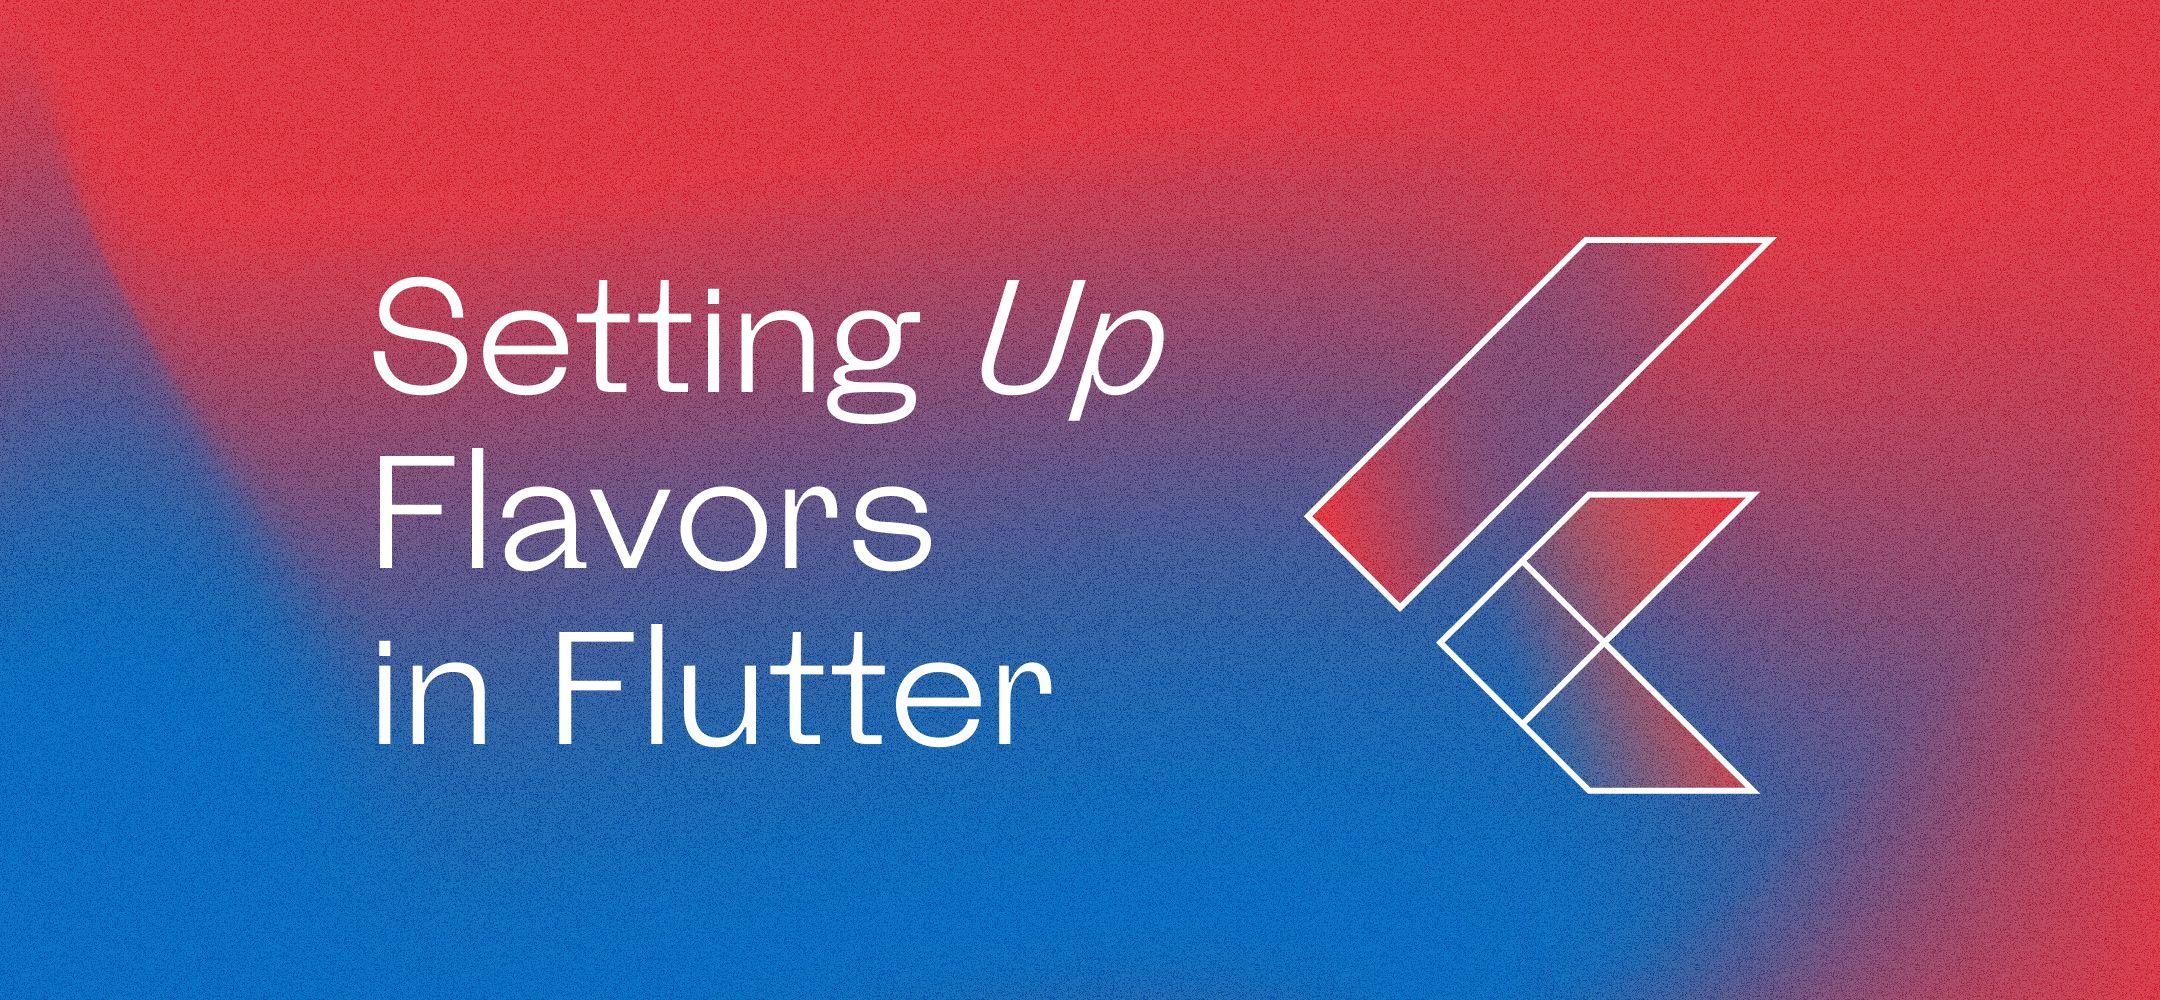 Flutter Flavoring 101